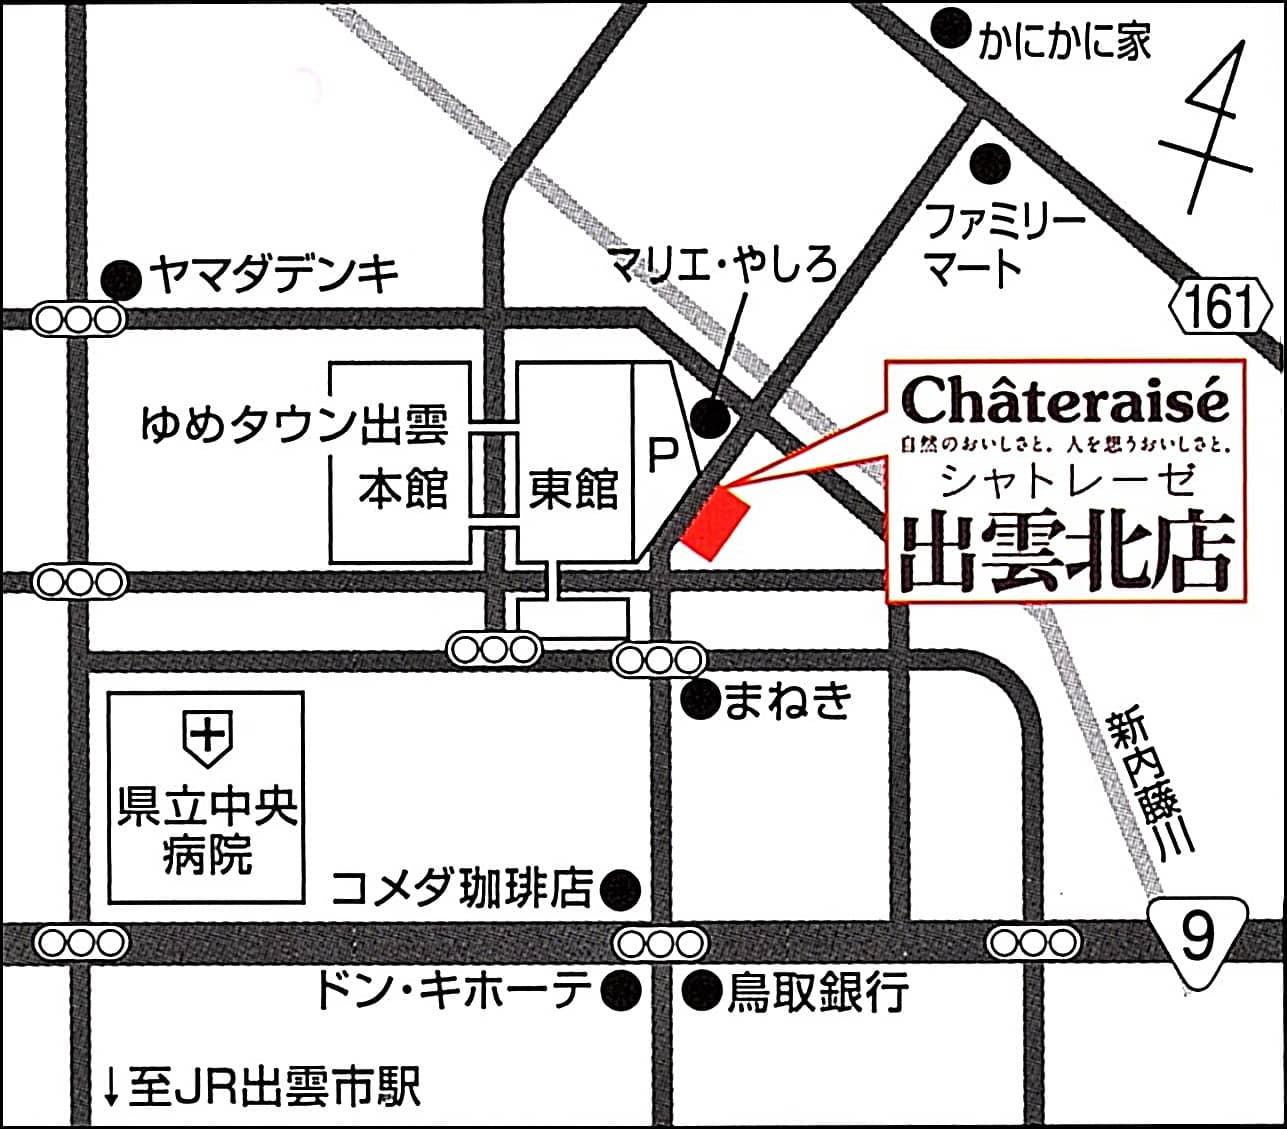 シャトレーゼ 出雲北店 地図